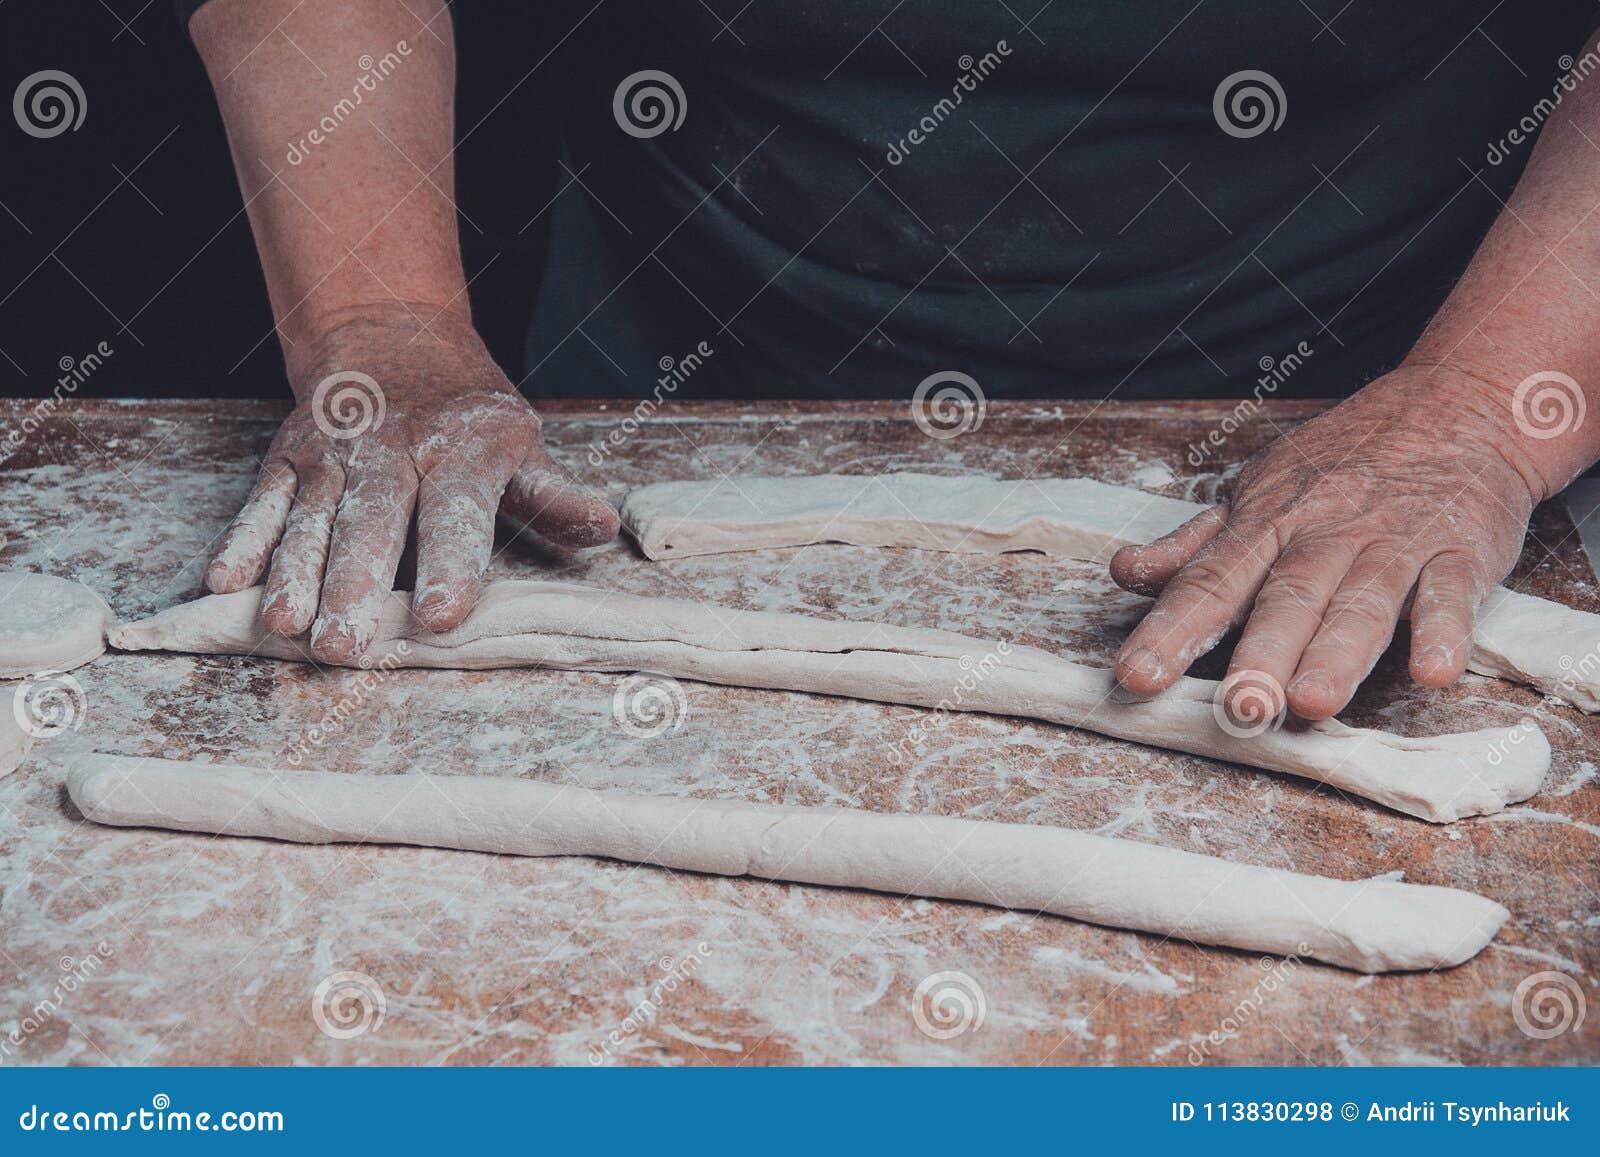 Kobiety starsze rolki z surowego ciasta naleśnikowego dla piec na ciemnym tle